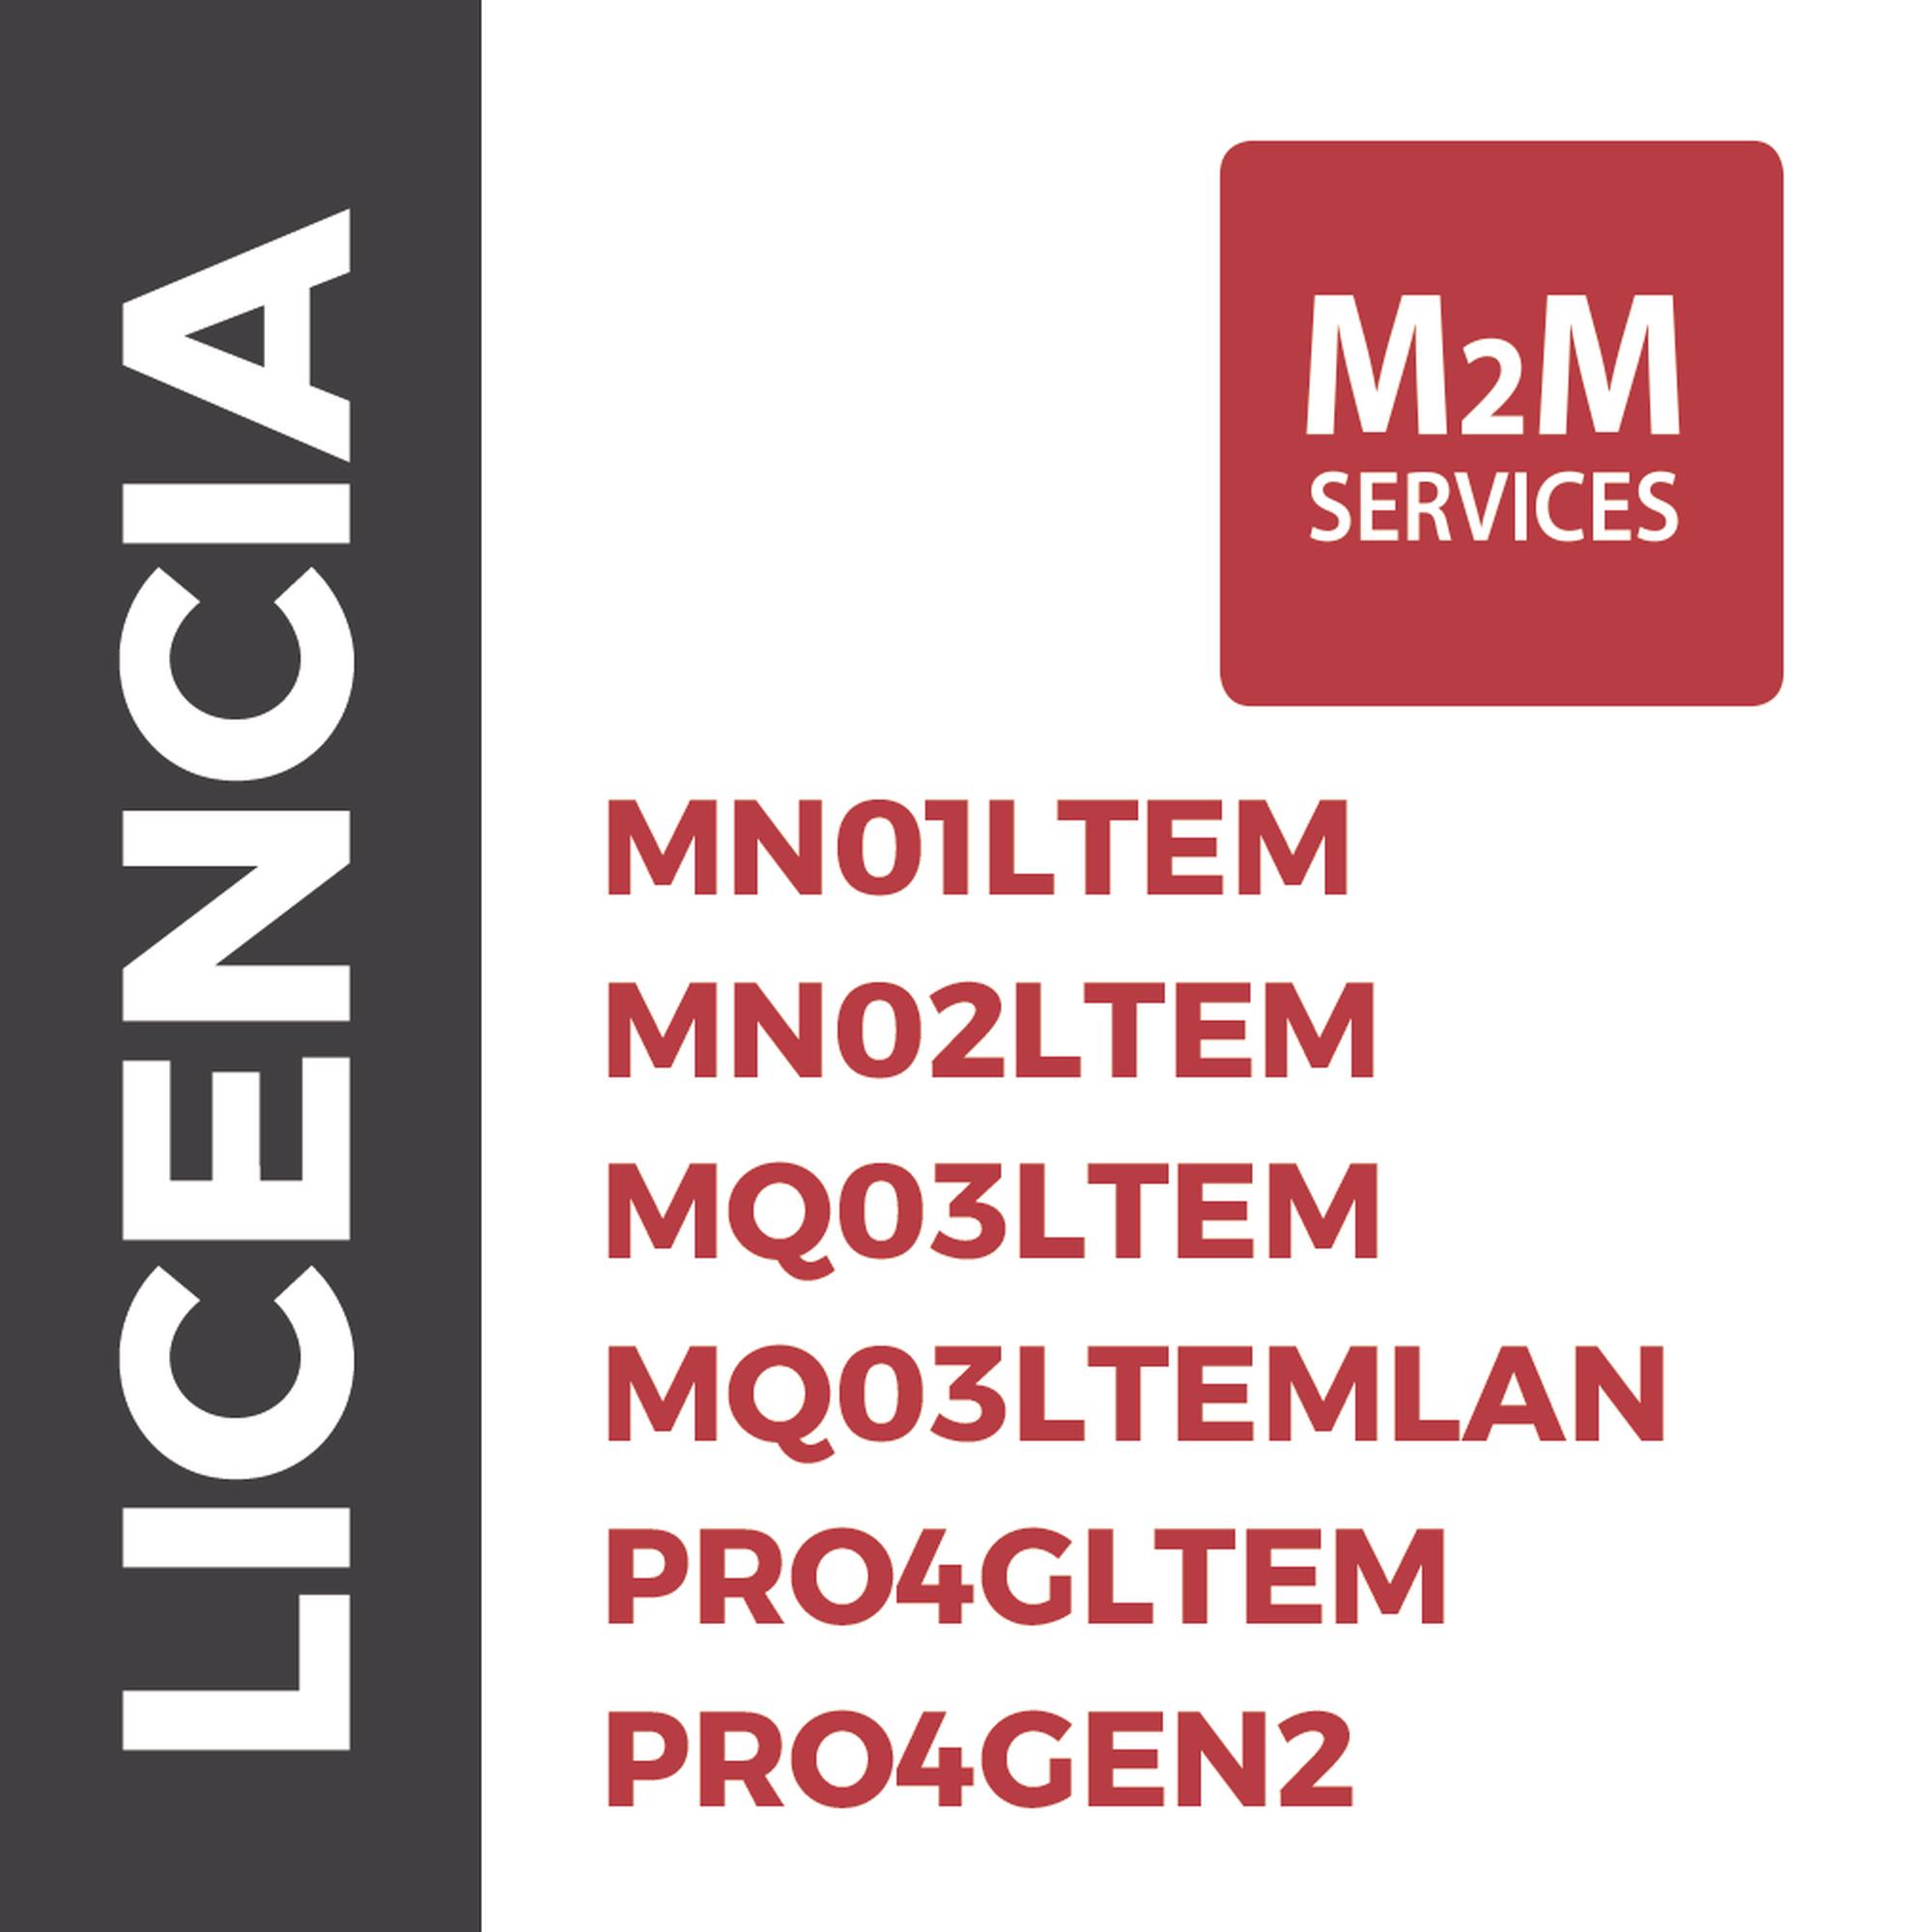 Servicio de datos 4GLTE/5G por un Año para MN02LTEM / PRO4GLTEM/ MQ03LTEM con eventos ilimitados.